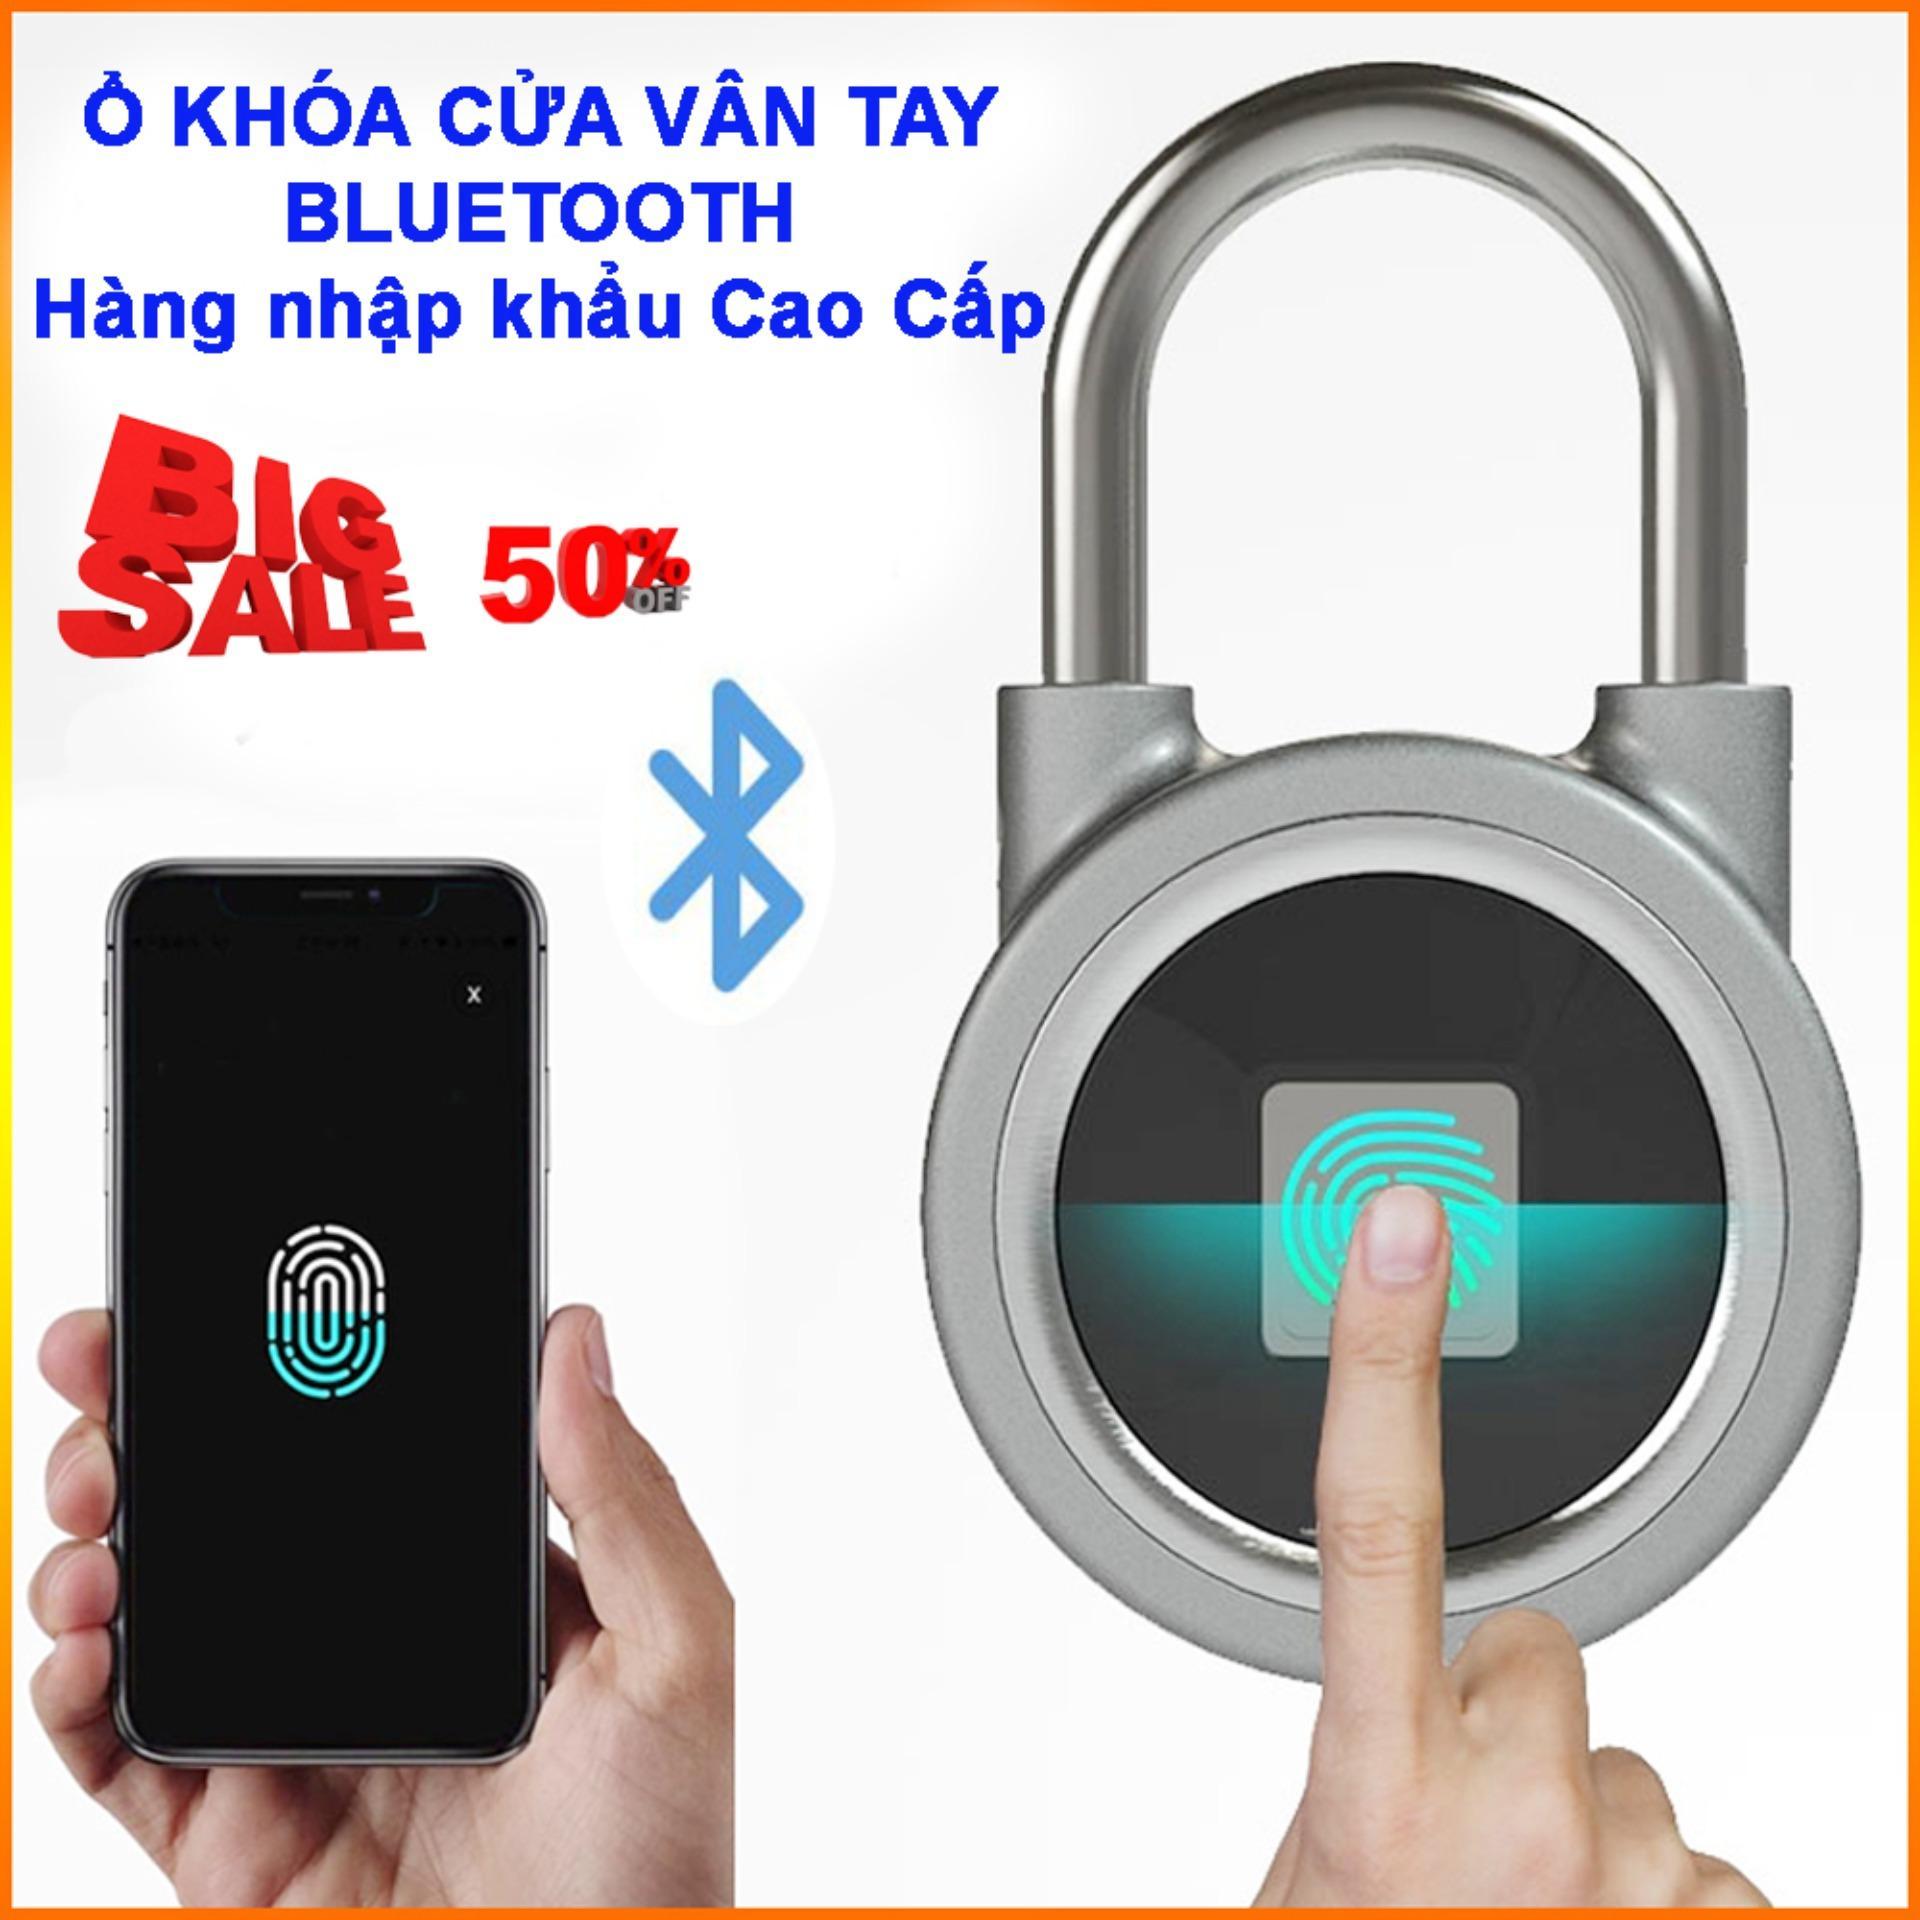 Khóa  vân tay - ổ khóa chống trộm  - Ổ khóa cửa vân tay - hàng cao cấp - uy tín - chất lượng - BH uy tín 1 đổi 1 bởi Bách Hóa HT